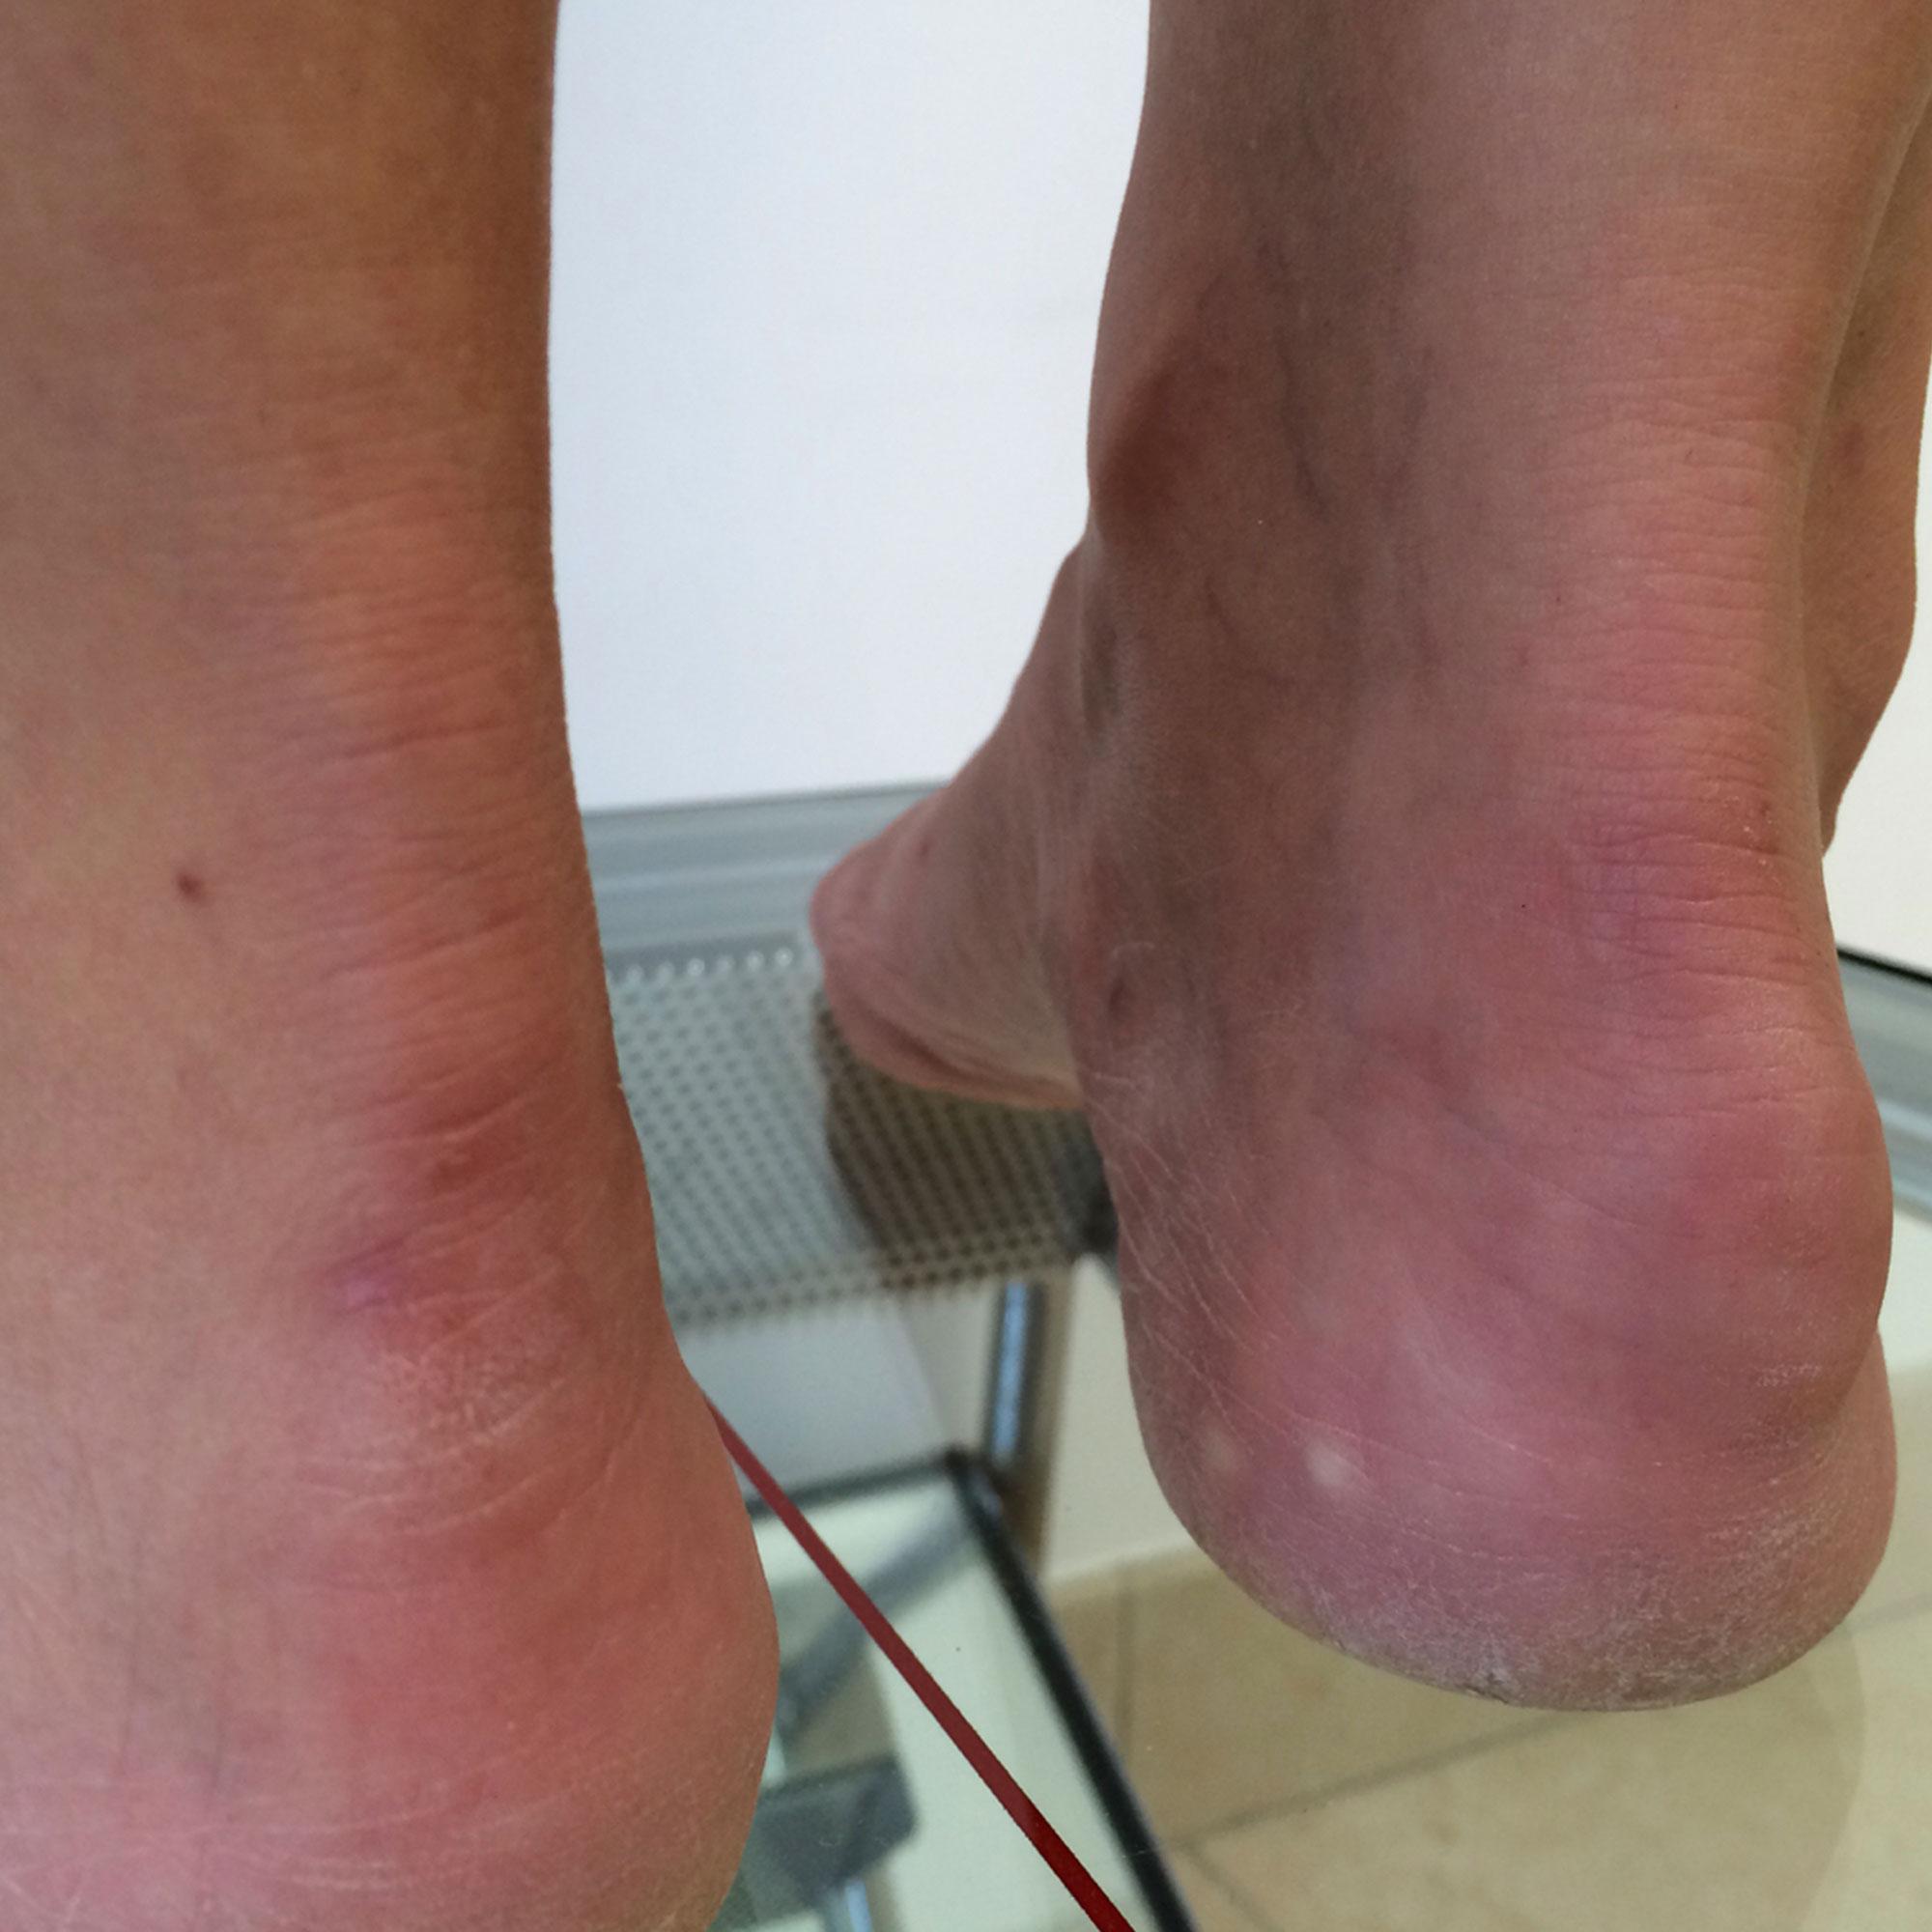 Imagen clínica de tendinitis crónica de tendón de Aquiles (Enfermedad de Haglund)